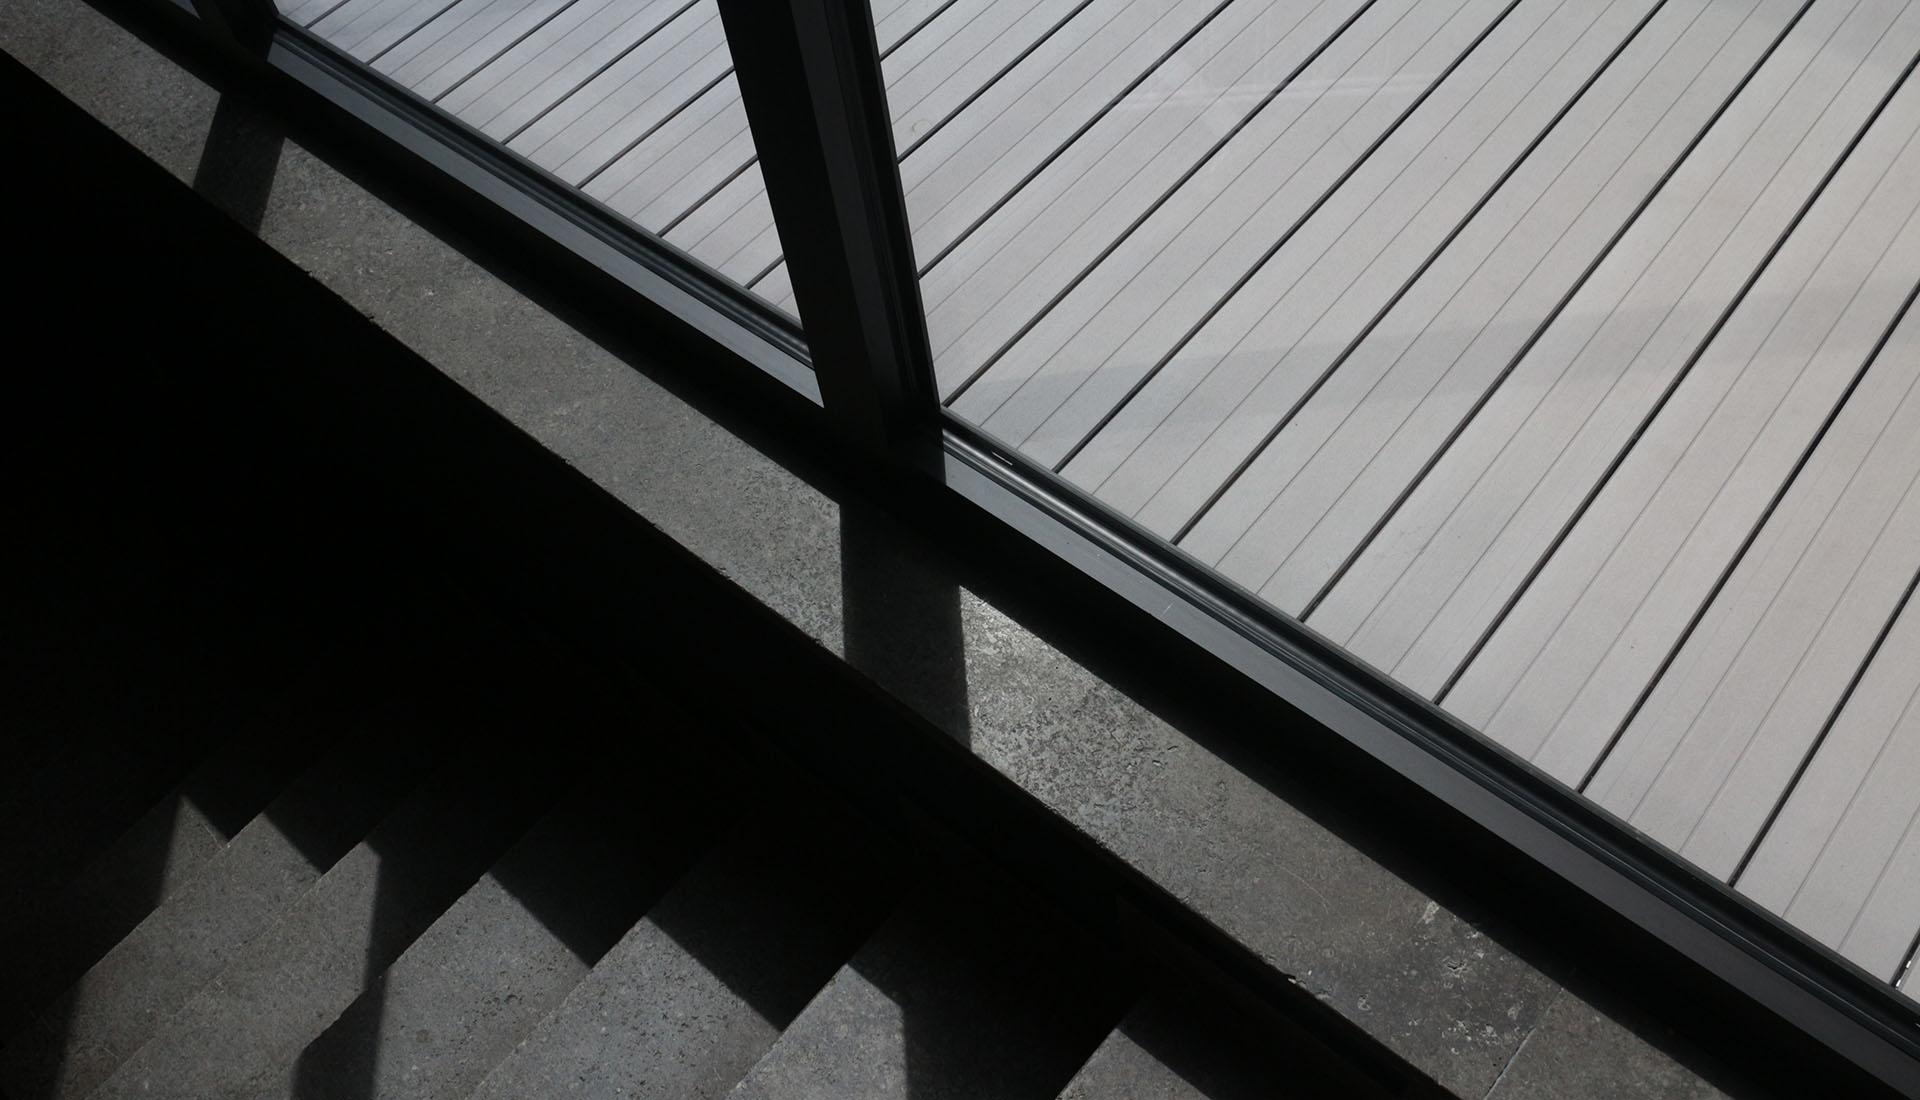 die optimale verlegerichtung auf der terrasse oder des balkons. Black Bedroom Furniture Sets. Home Design Ideas